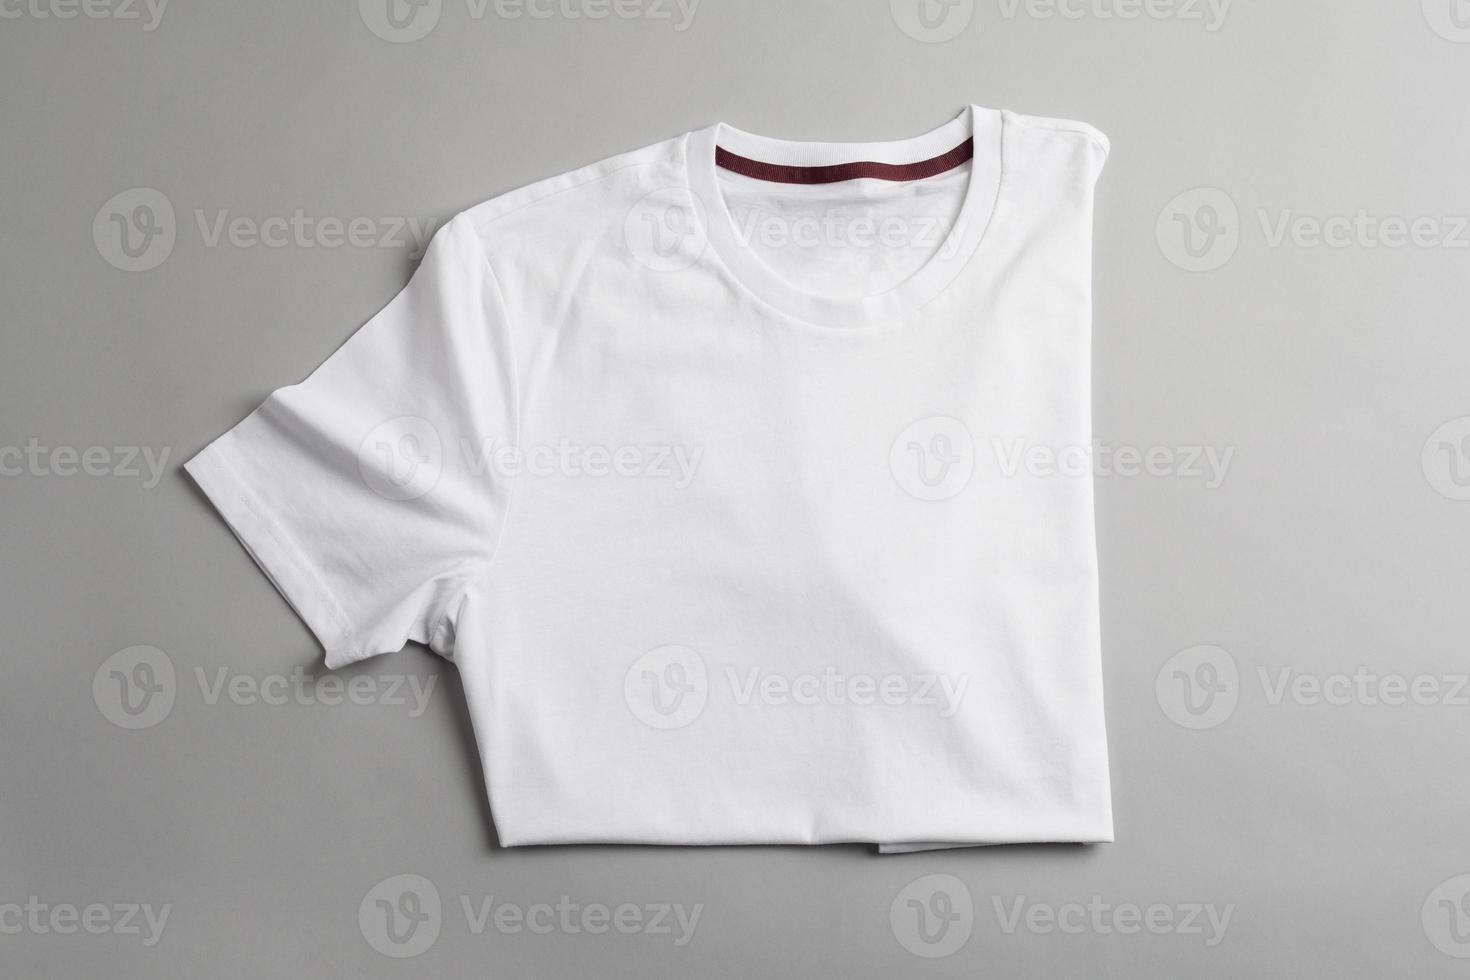 witte t-shirt sjabloon klaar voor uw grafisch ontwerp. foto